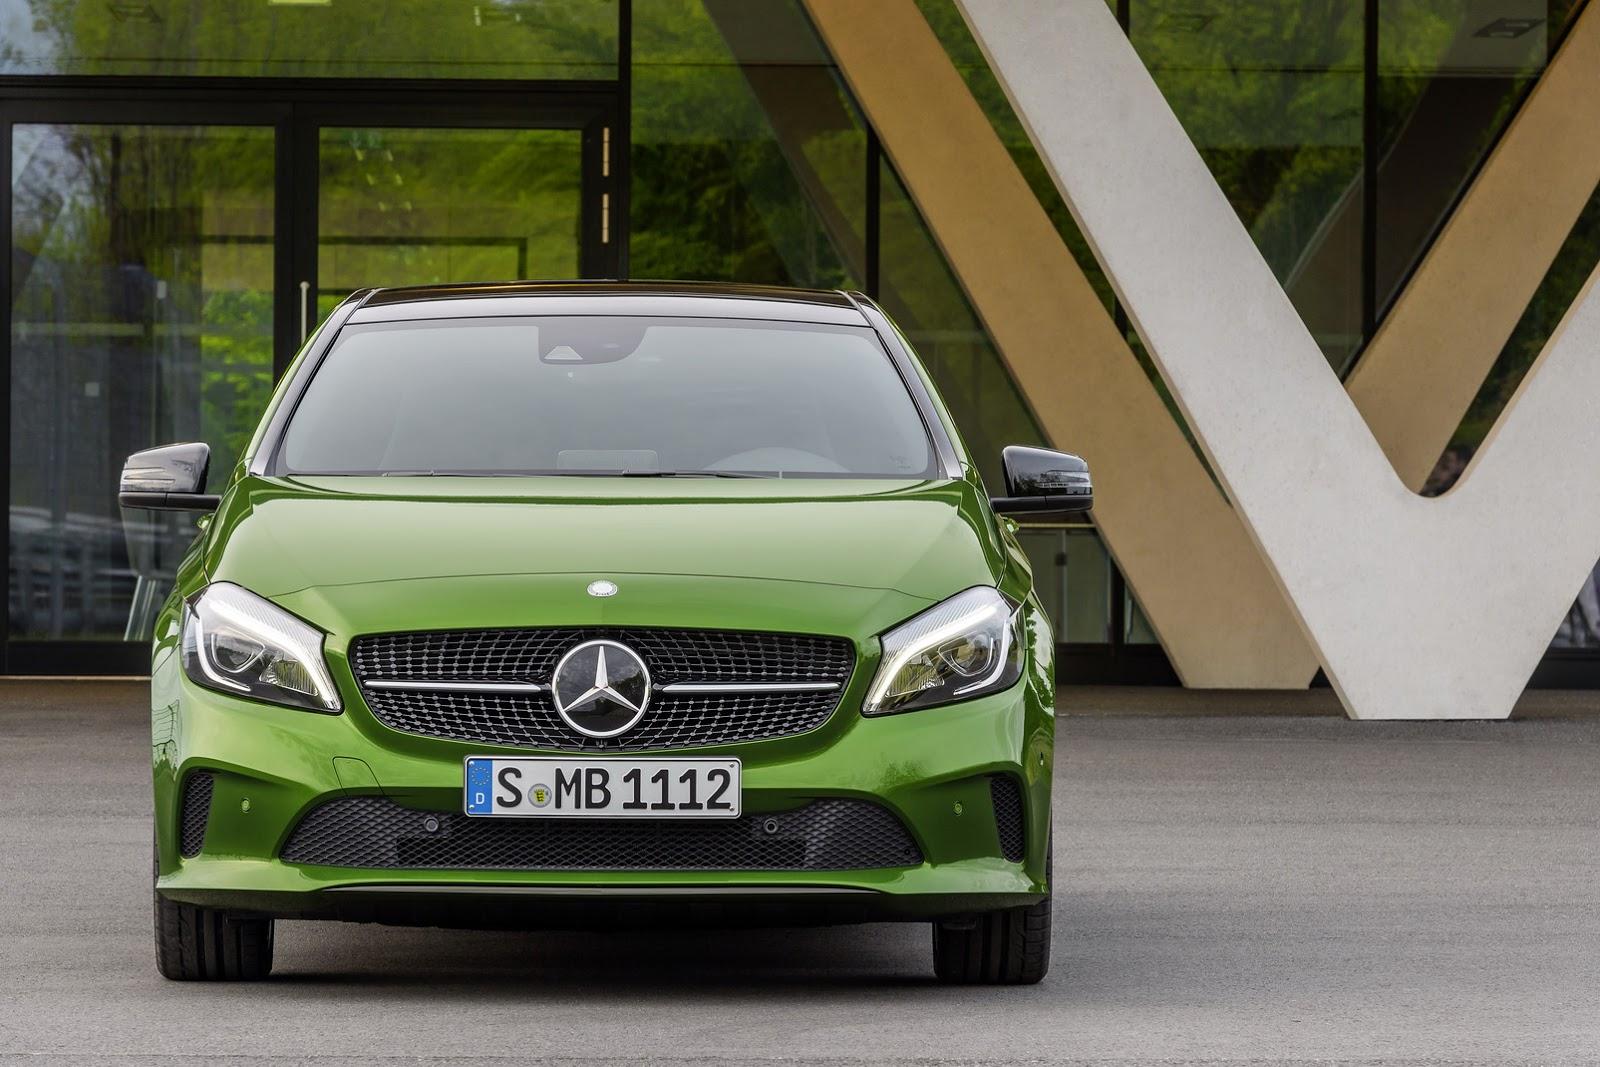 https://www.benzinsider.com/wp-content/uploads/2015/06/2016-Mercedes-Benz-A-Class-11.jpg